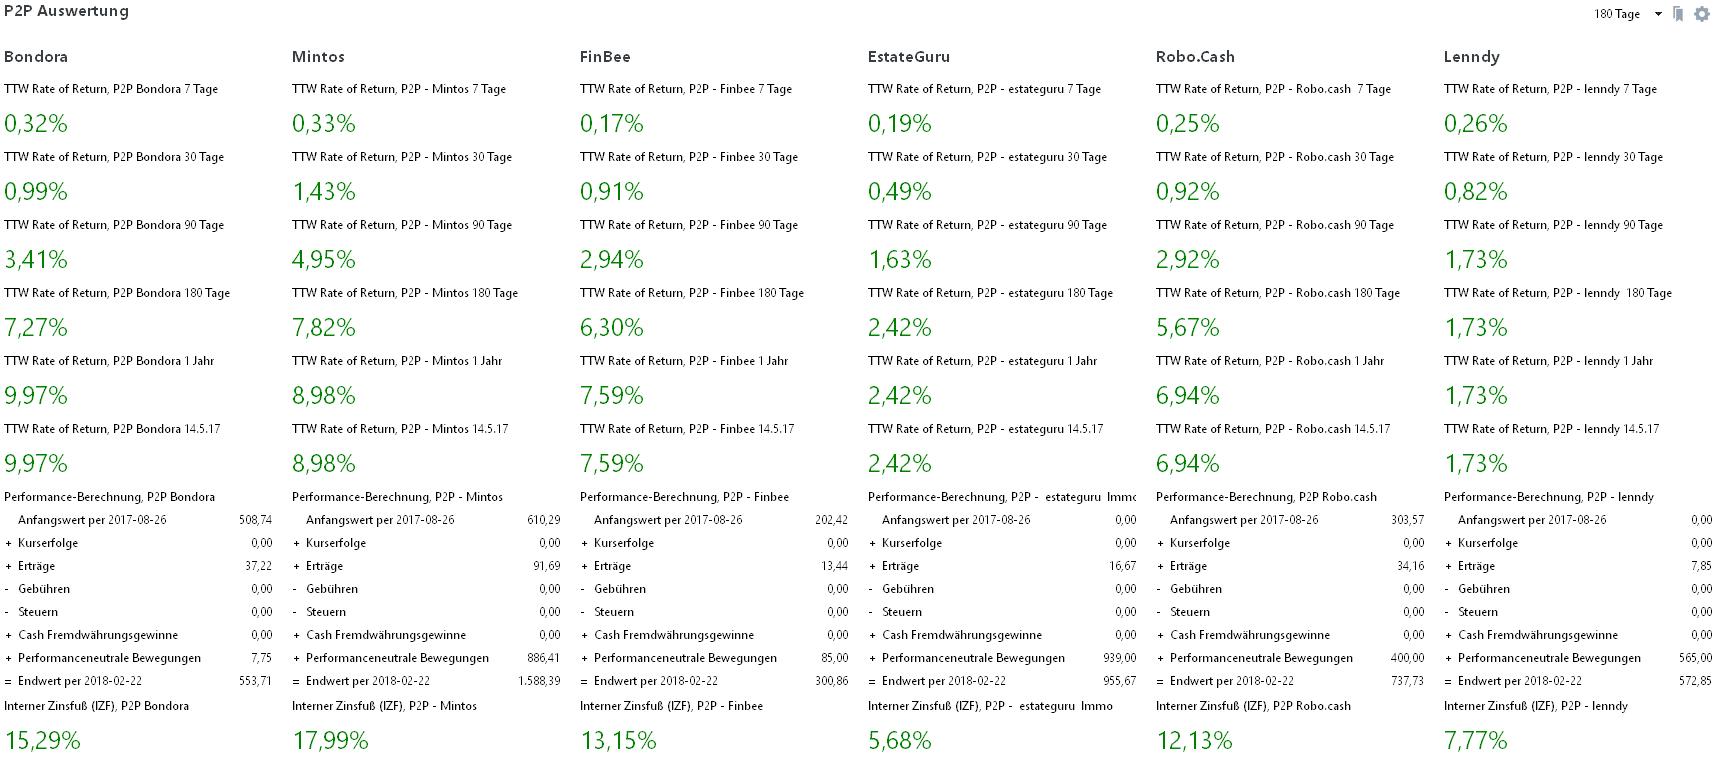 P2P Performance Auswertung View für Wochen Report